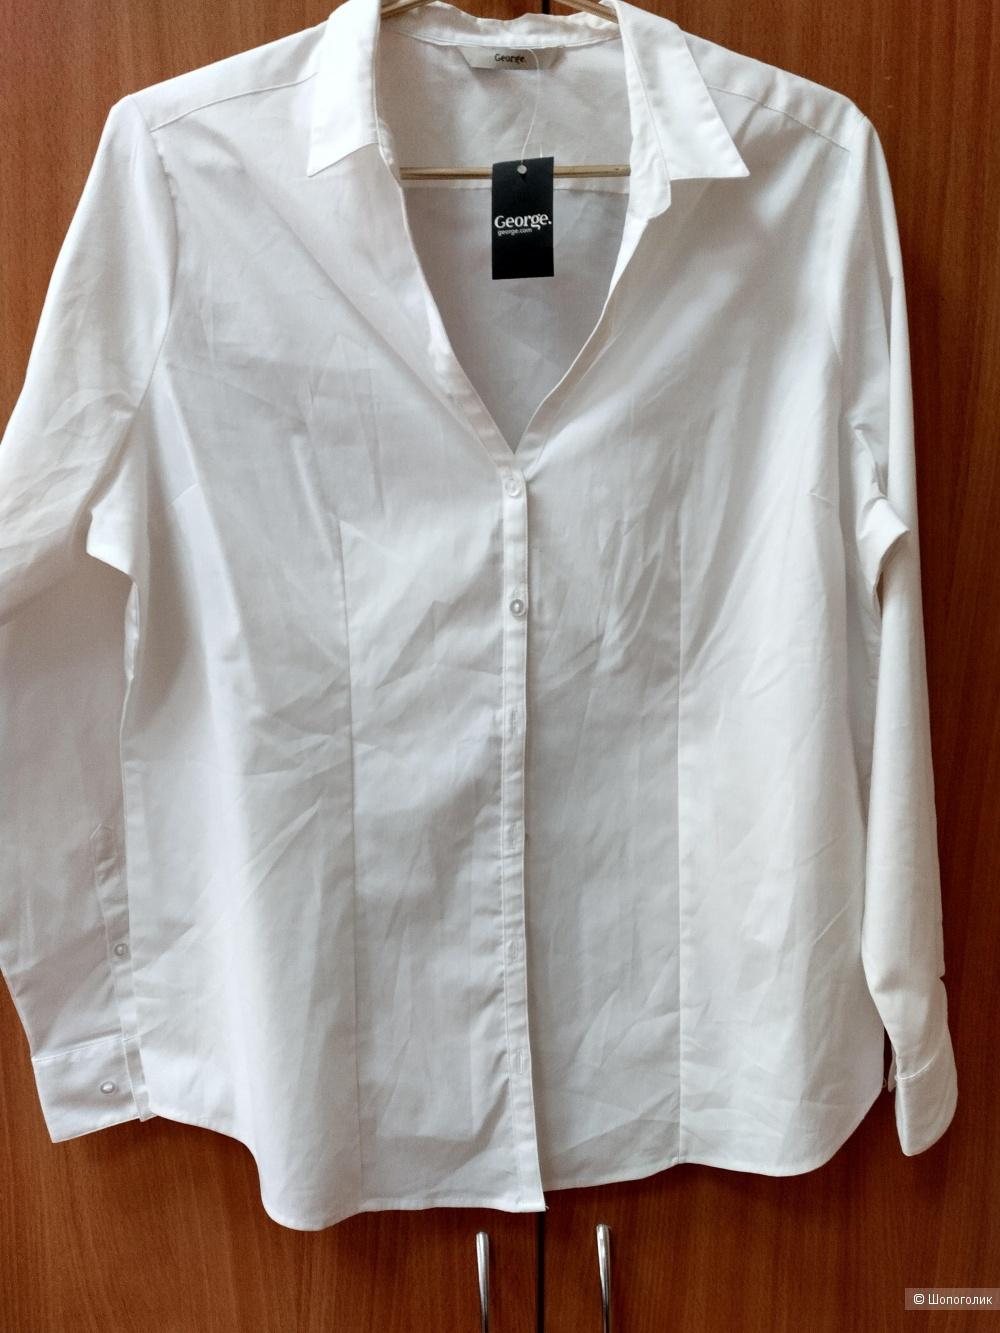 Рубашка, блузка George 50-52